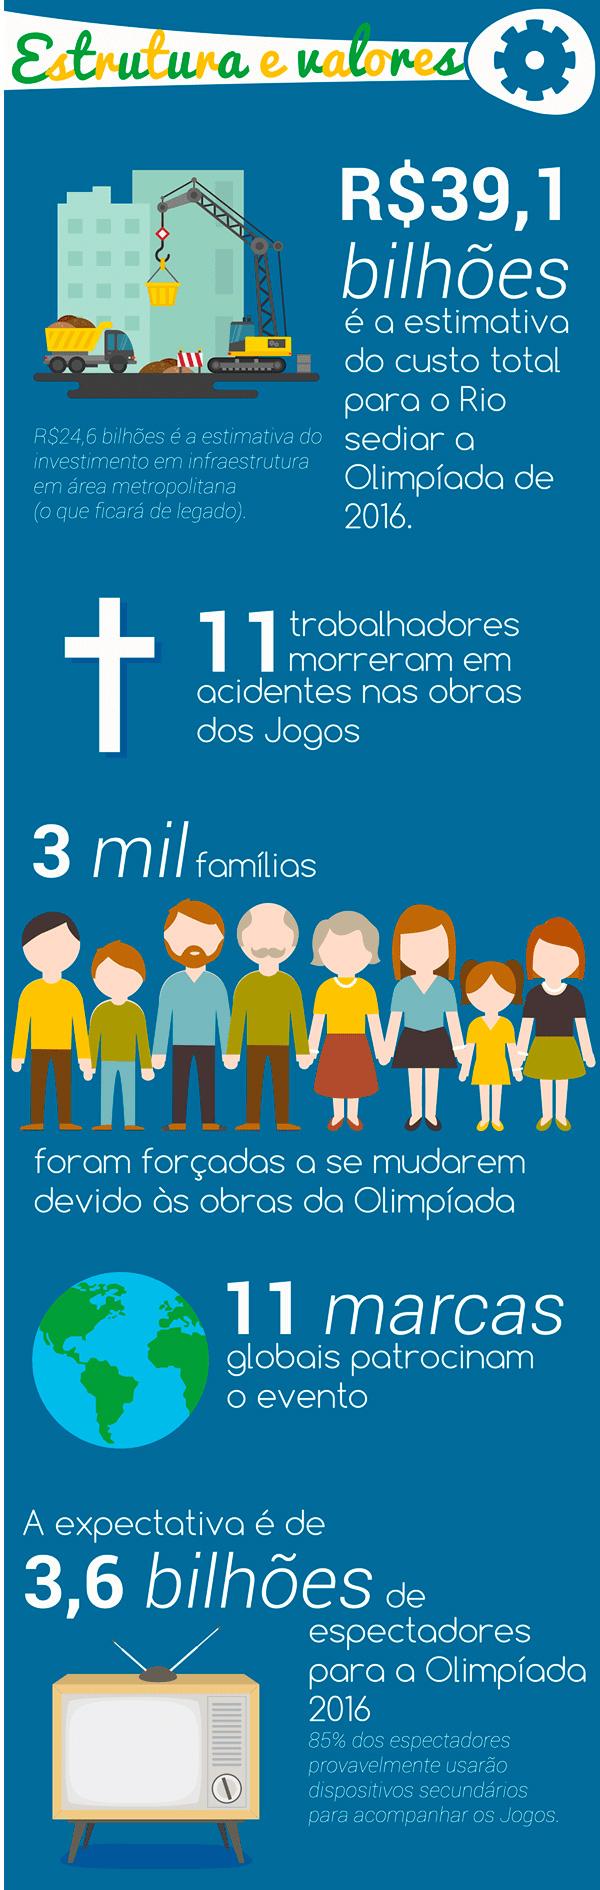 19-fatos-sobre-os-Jogos-Olimpicos-Rio-2016-que-talvez-voce-nao-saiba_04